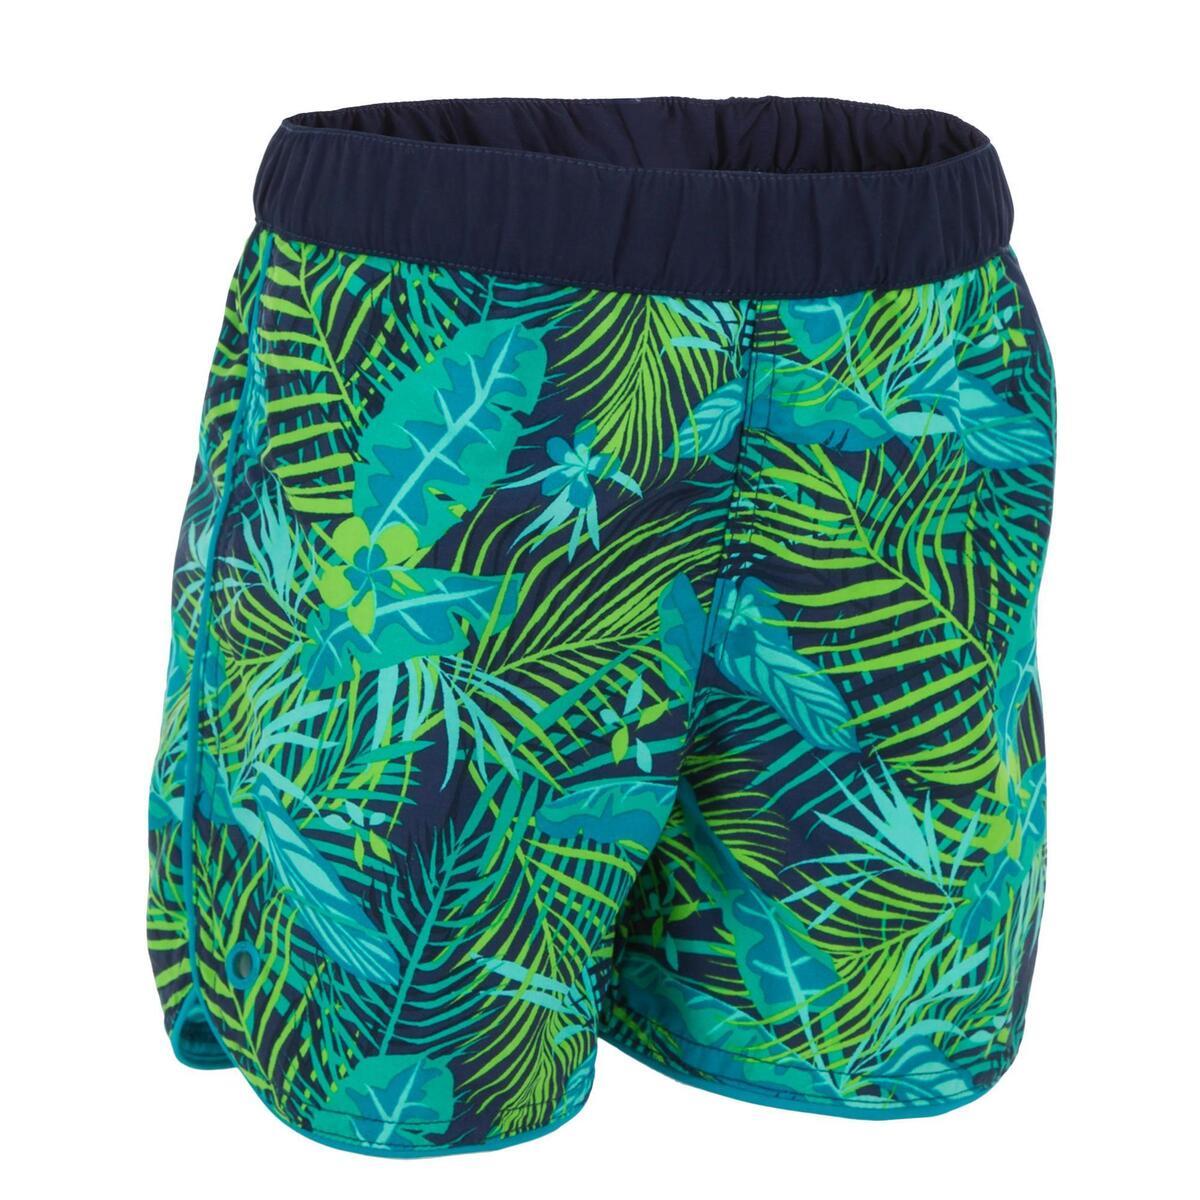 Bild 1 von Badehose Shorts Baby Print Jungle